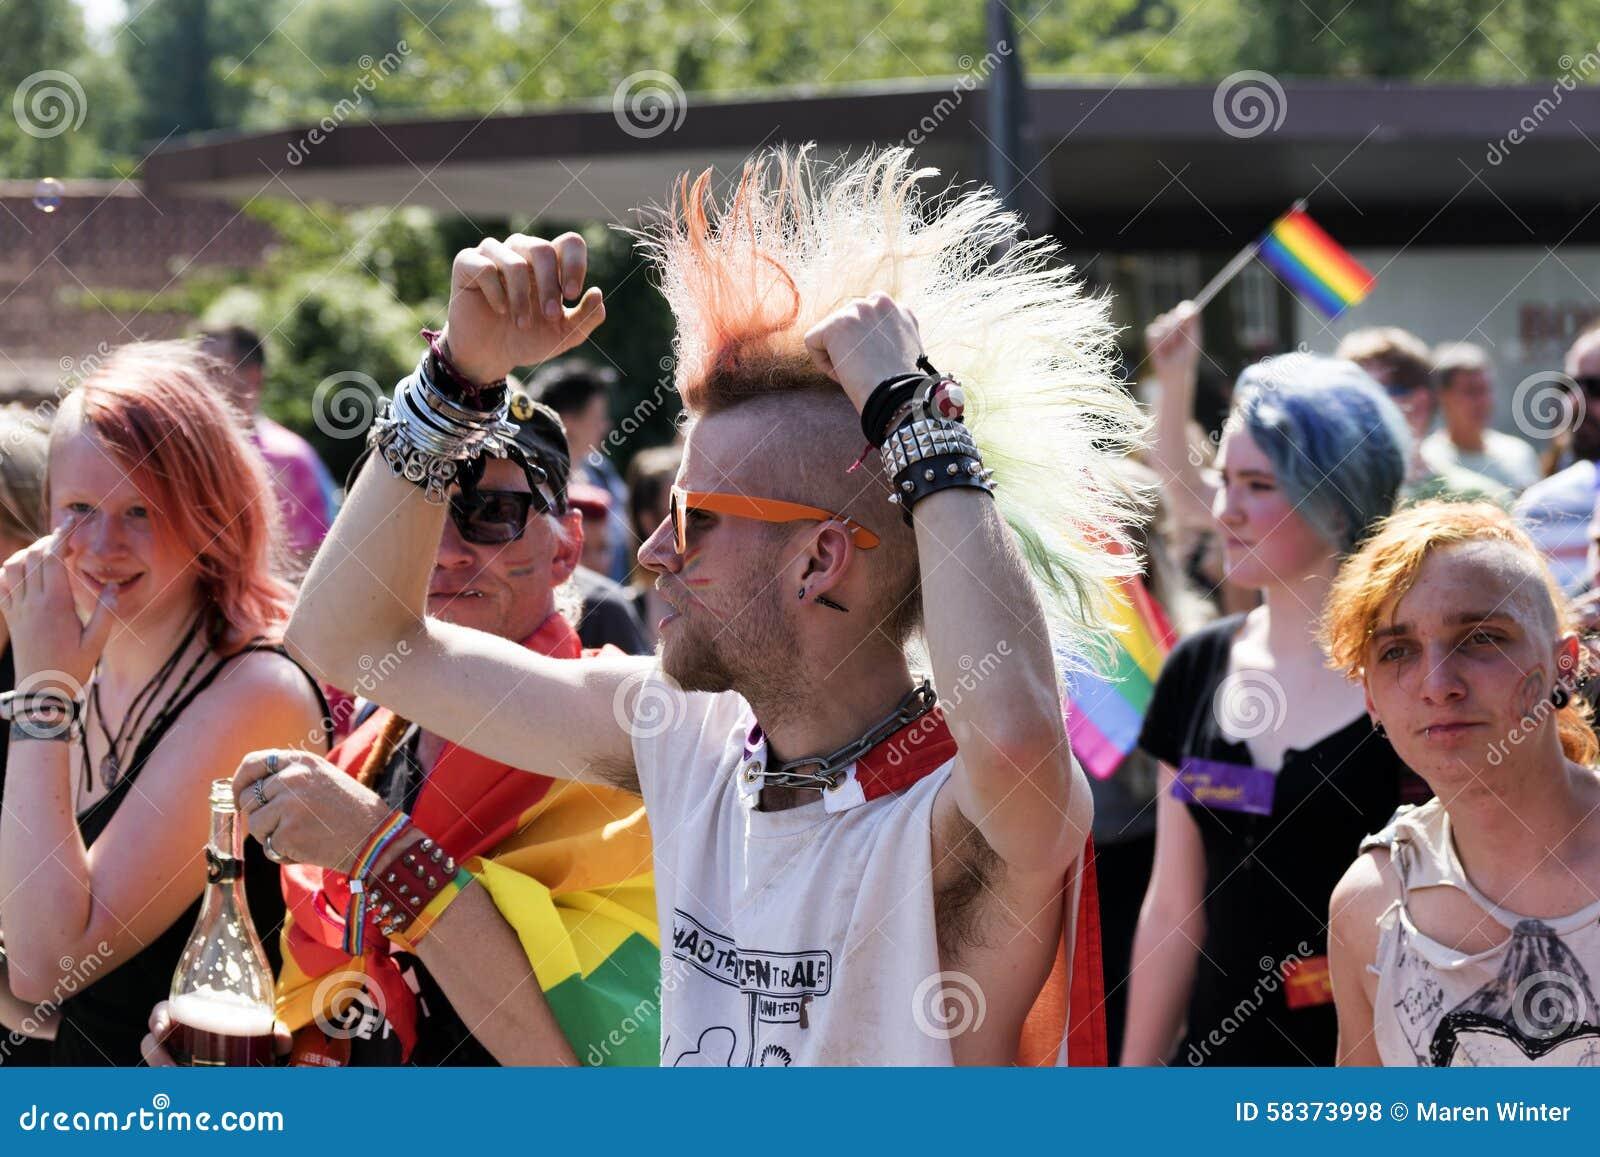 Desfile de orgullo gay de la CDS en Luebeck, Alemania 2015, punkies y rainbo